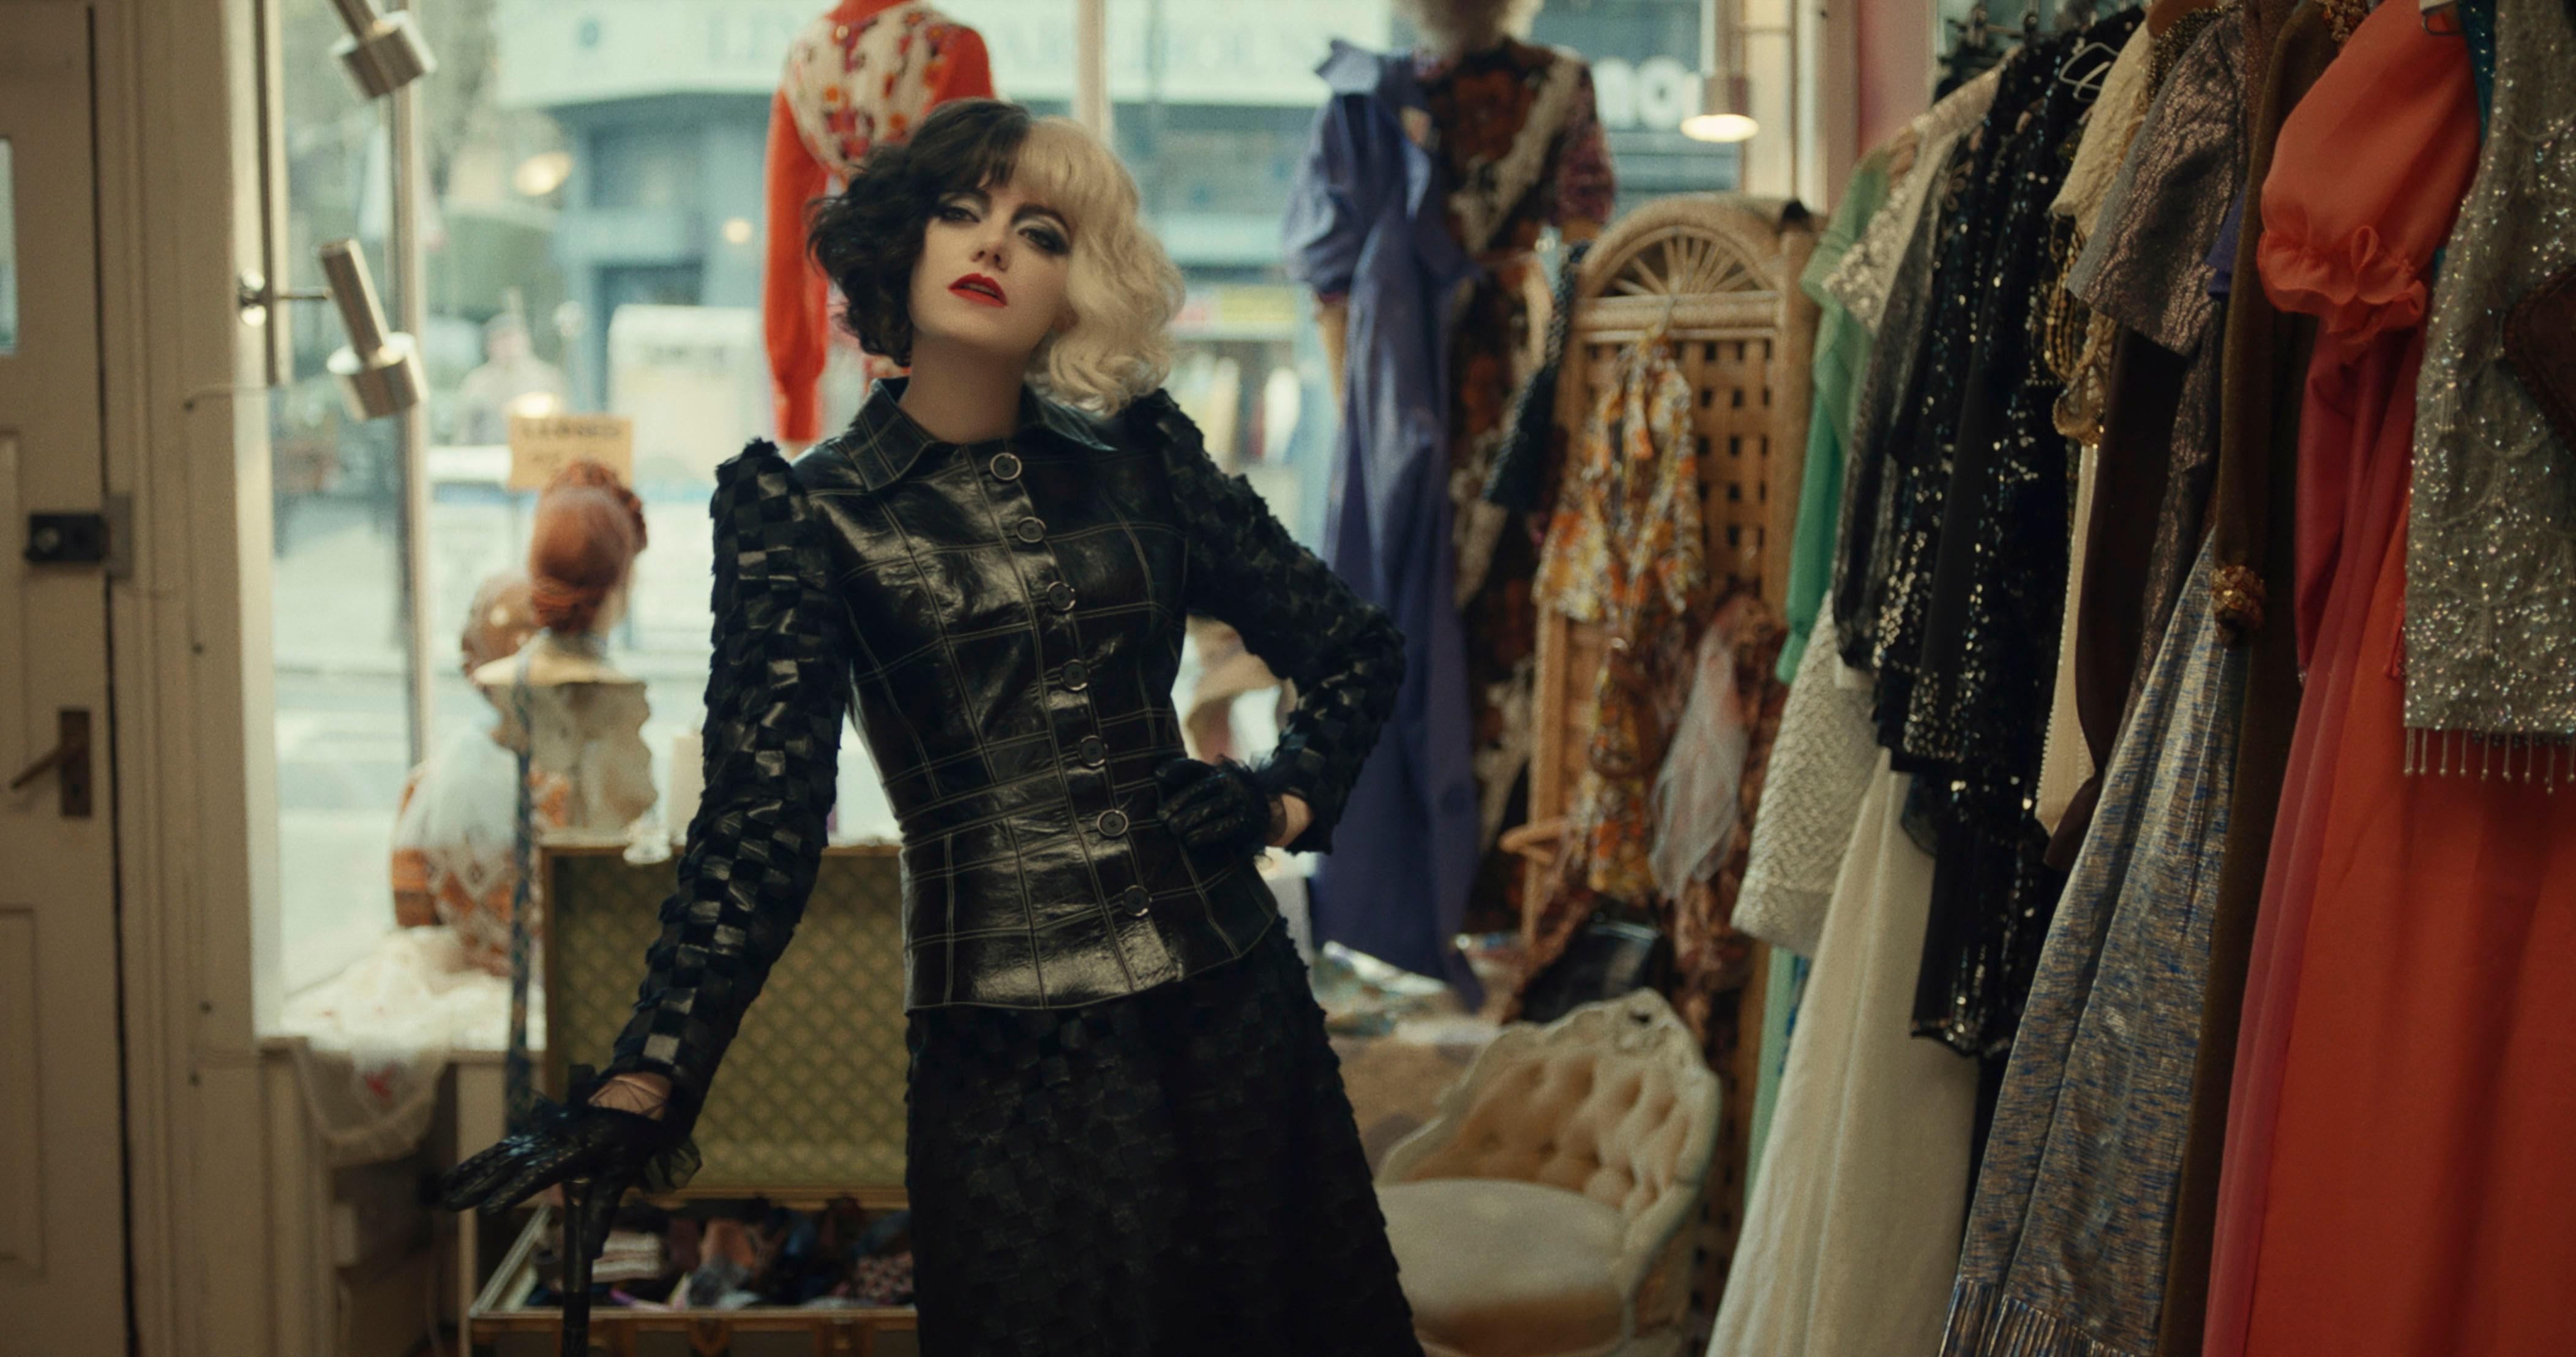 Модная Круэлла: кто и как сделал из Эммы Стоун стильную суперзлодейку